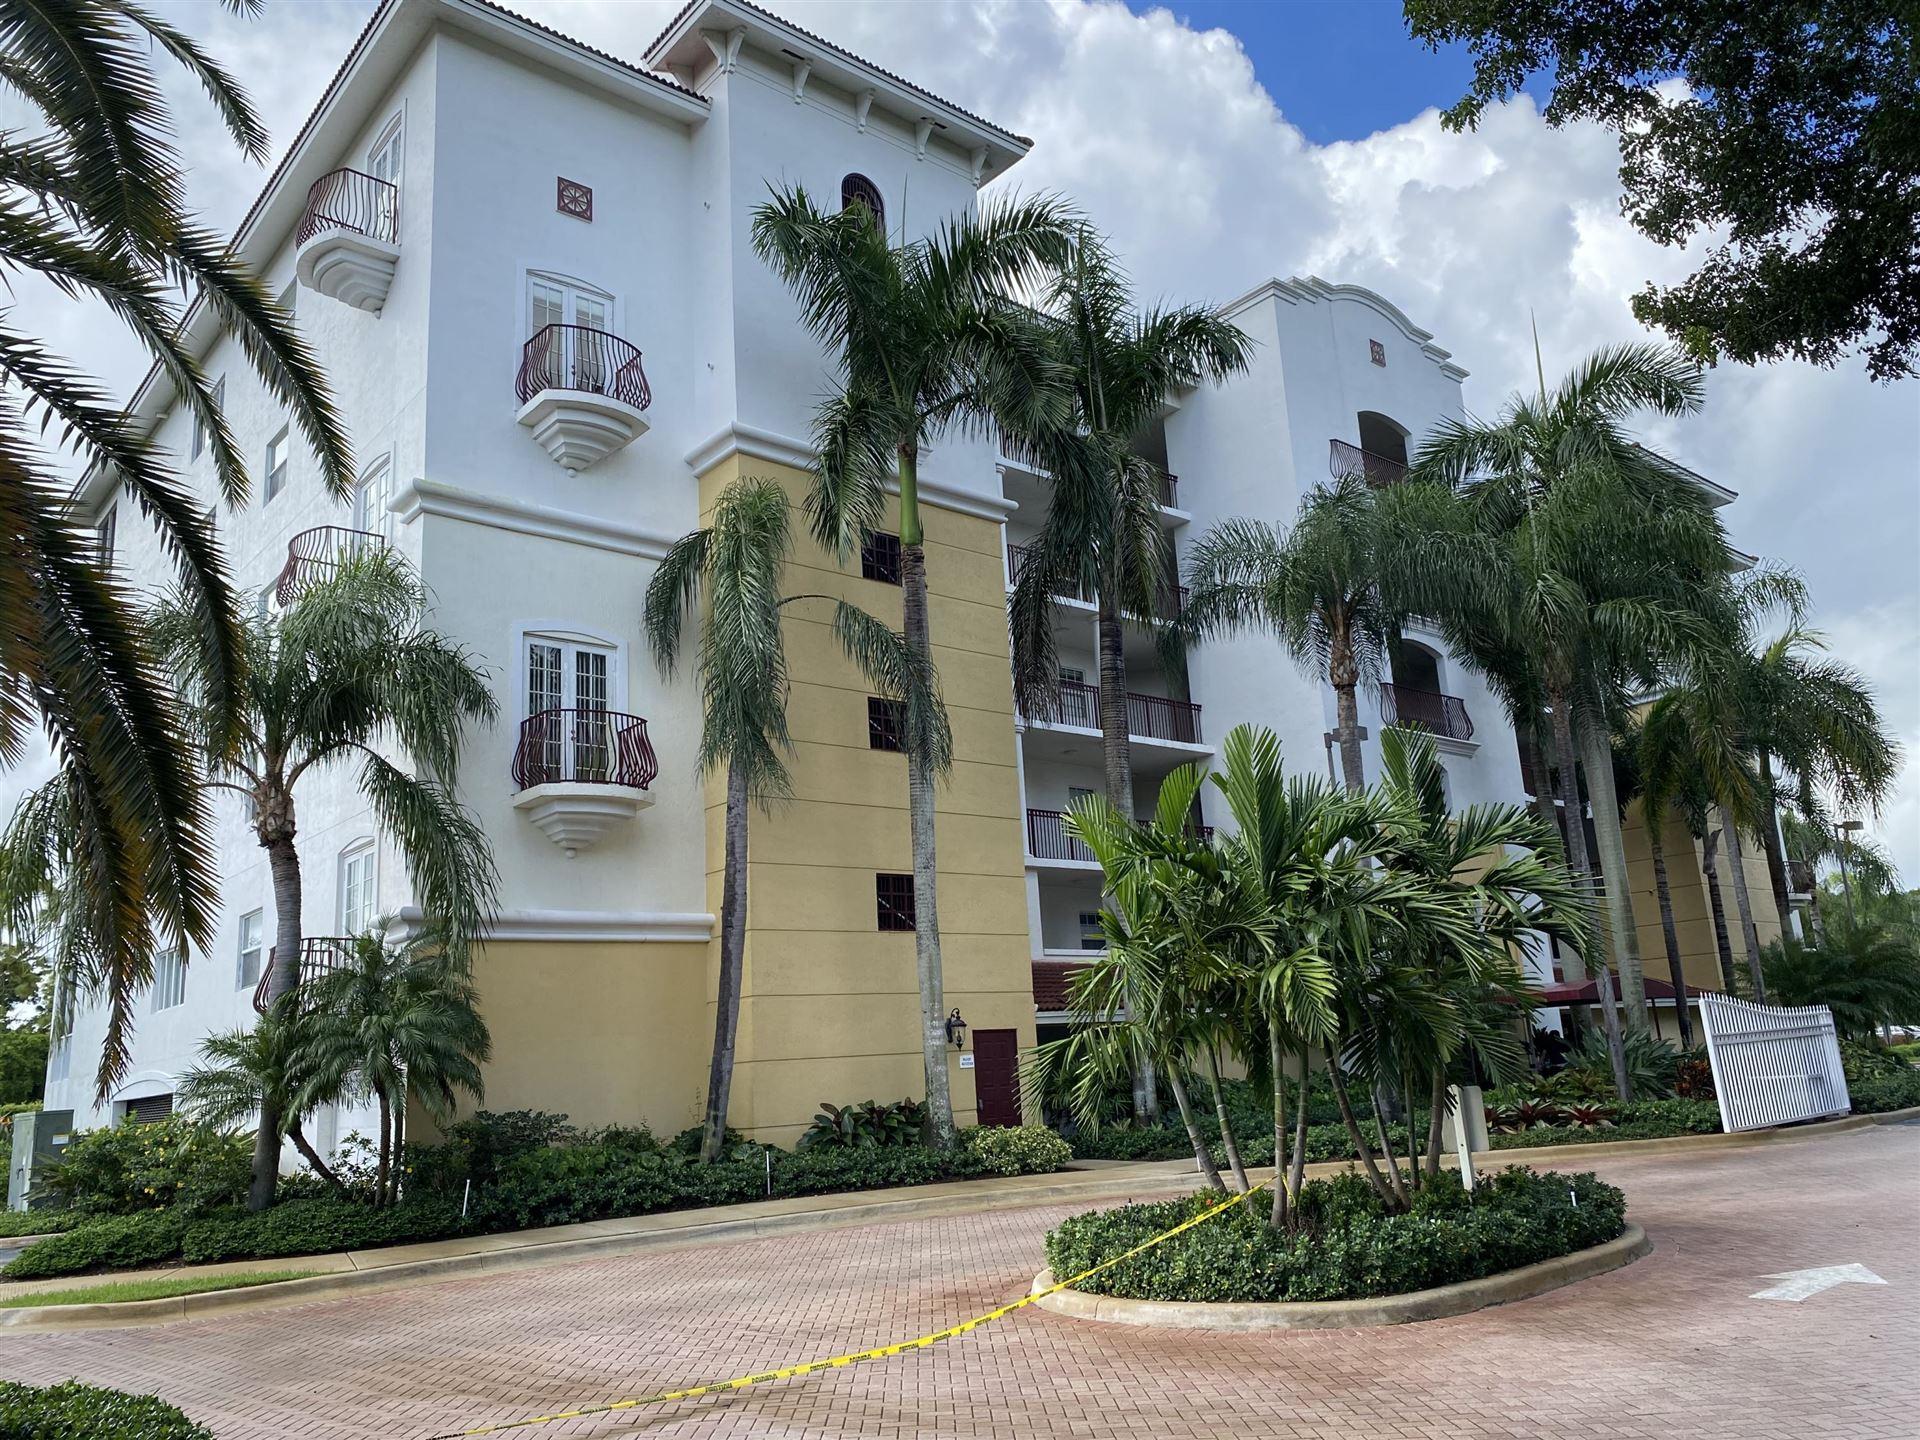 22715 Camino Del Mar #51, Boca Raton, FL 33433 - #: RX-10655275